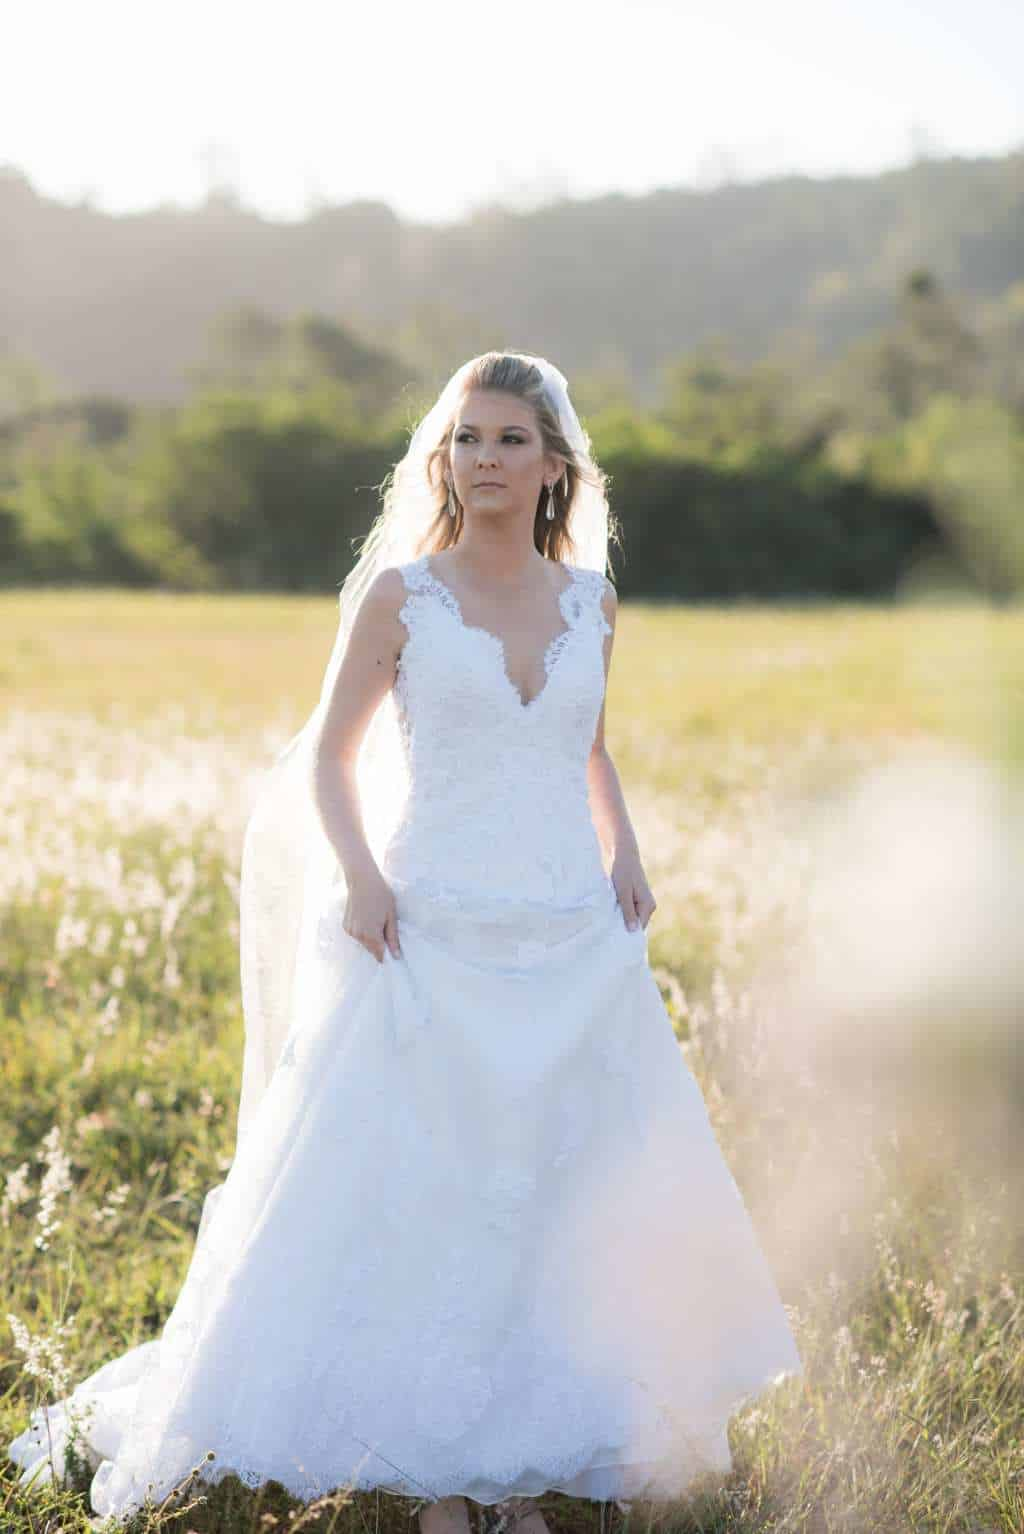 casamento-de-dia-casamento-Nicole-e-Thales-casamento-no-jardim-csasamento-ao-ar-livre-Fotografia-Marina-Fava-Galeria-Jardim-Rio-de-Janeiro-65